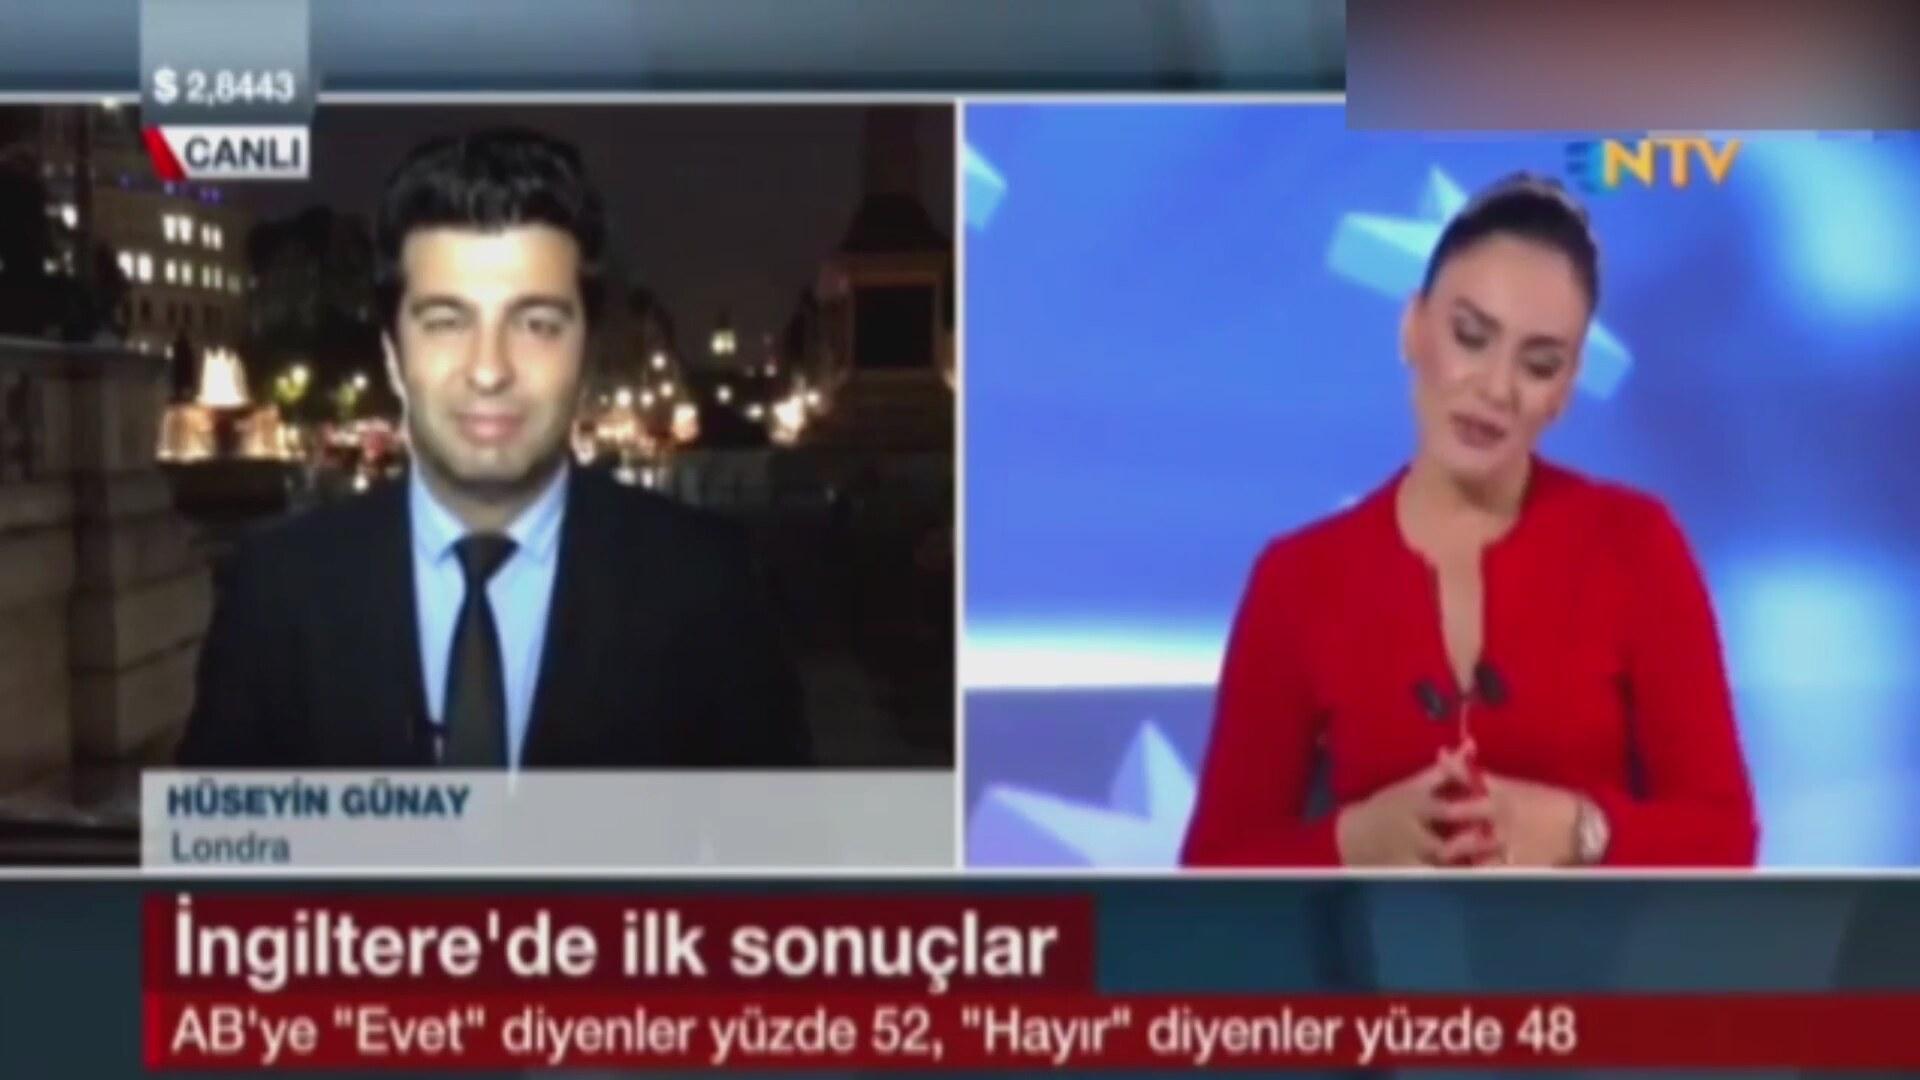 NTV Spikeri Buket Aydın Canlı Yayında Kahkahalara Boğuldu